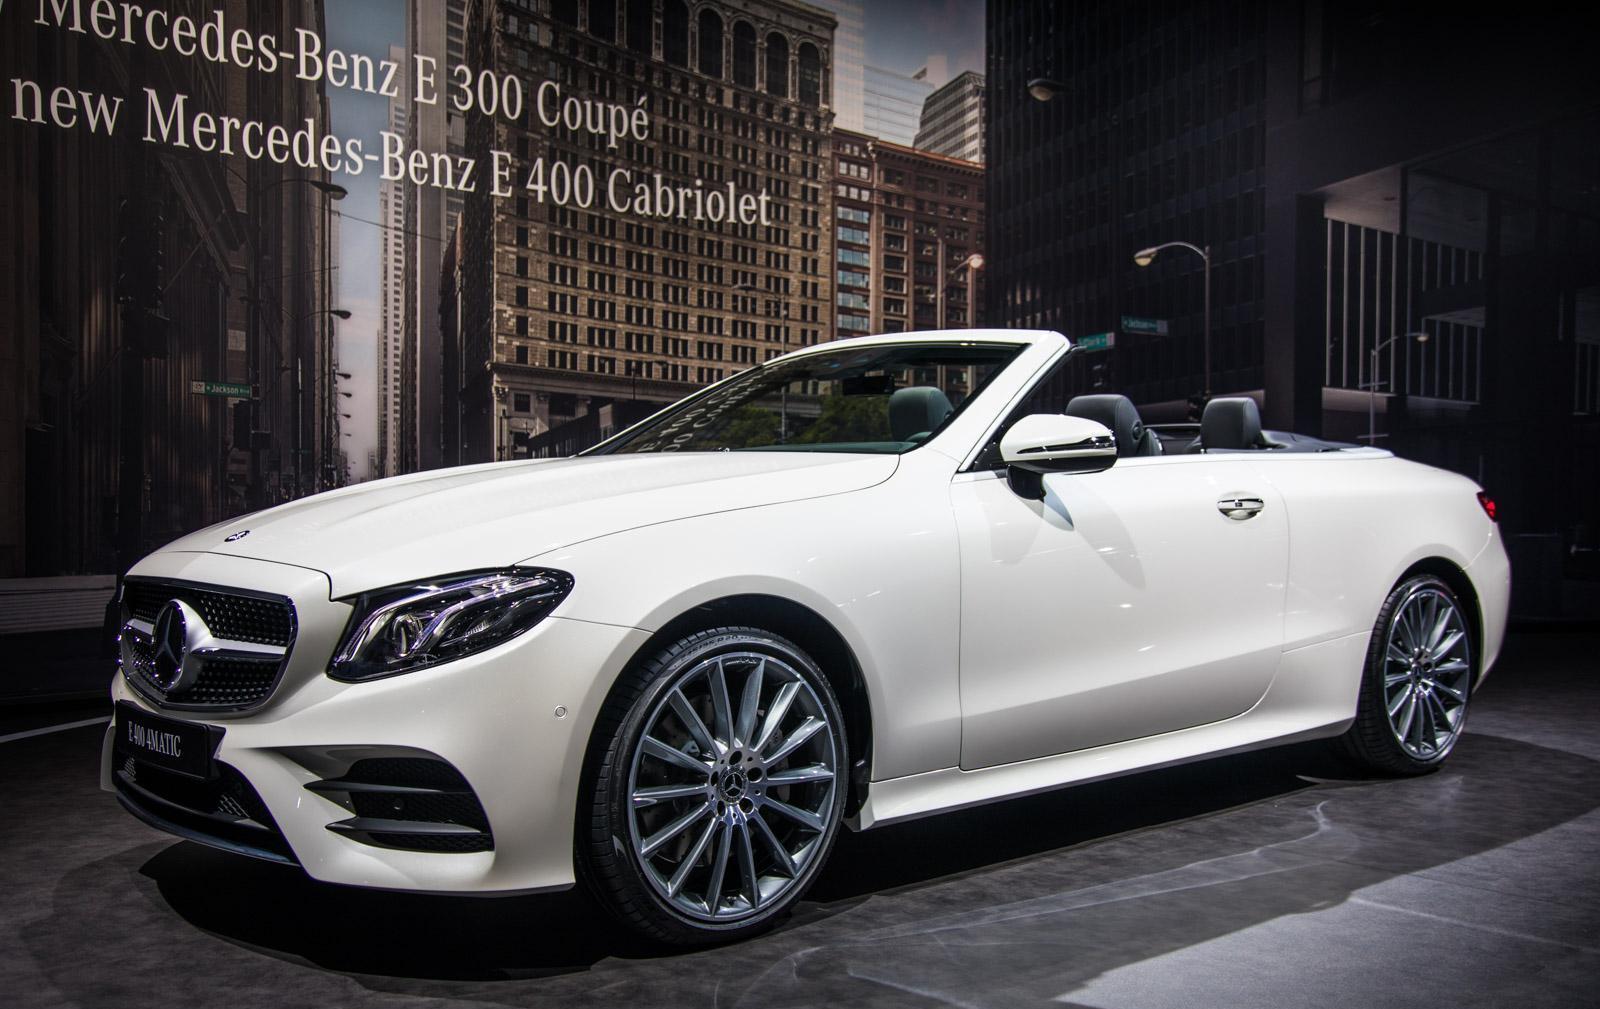 Mercedes_E400_Cabriolet_002